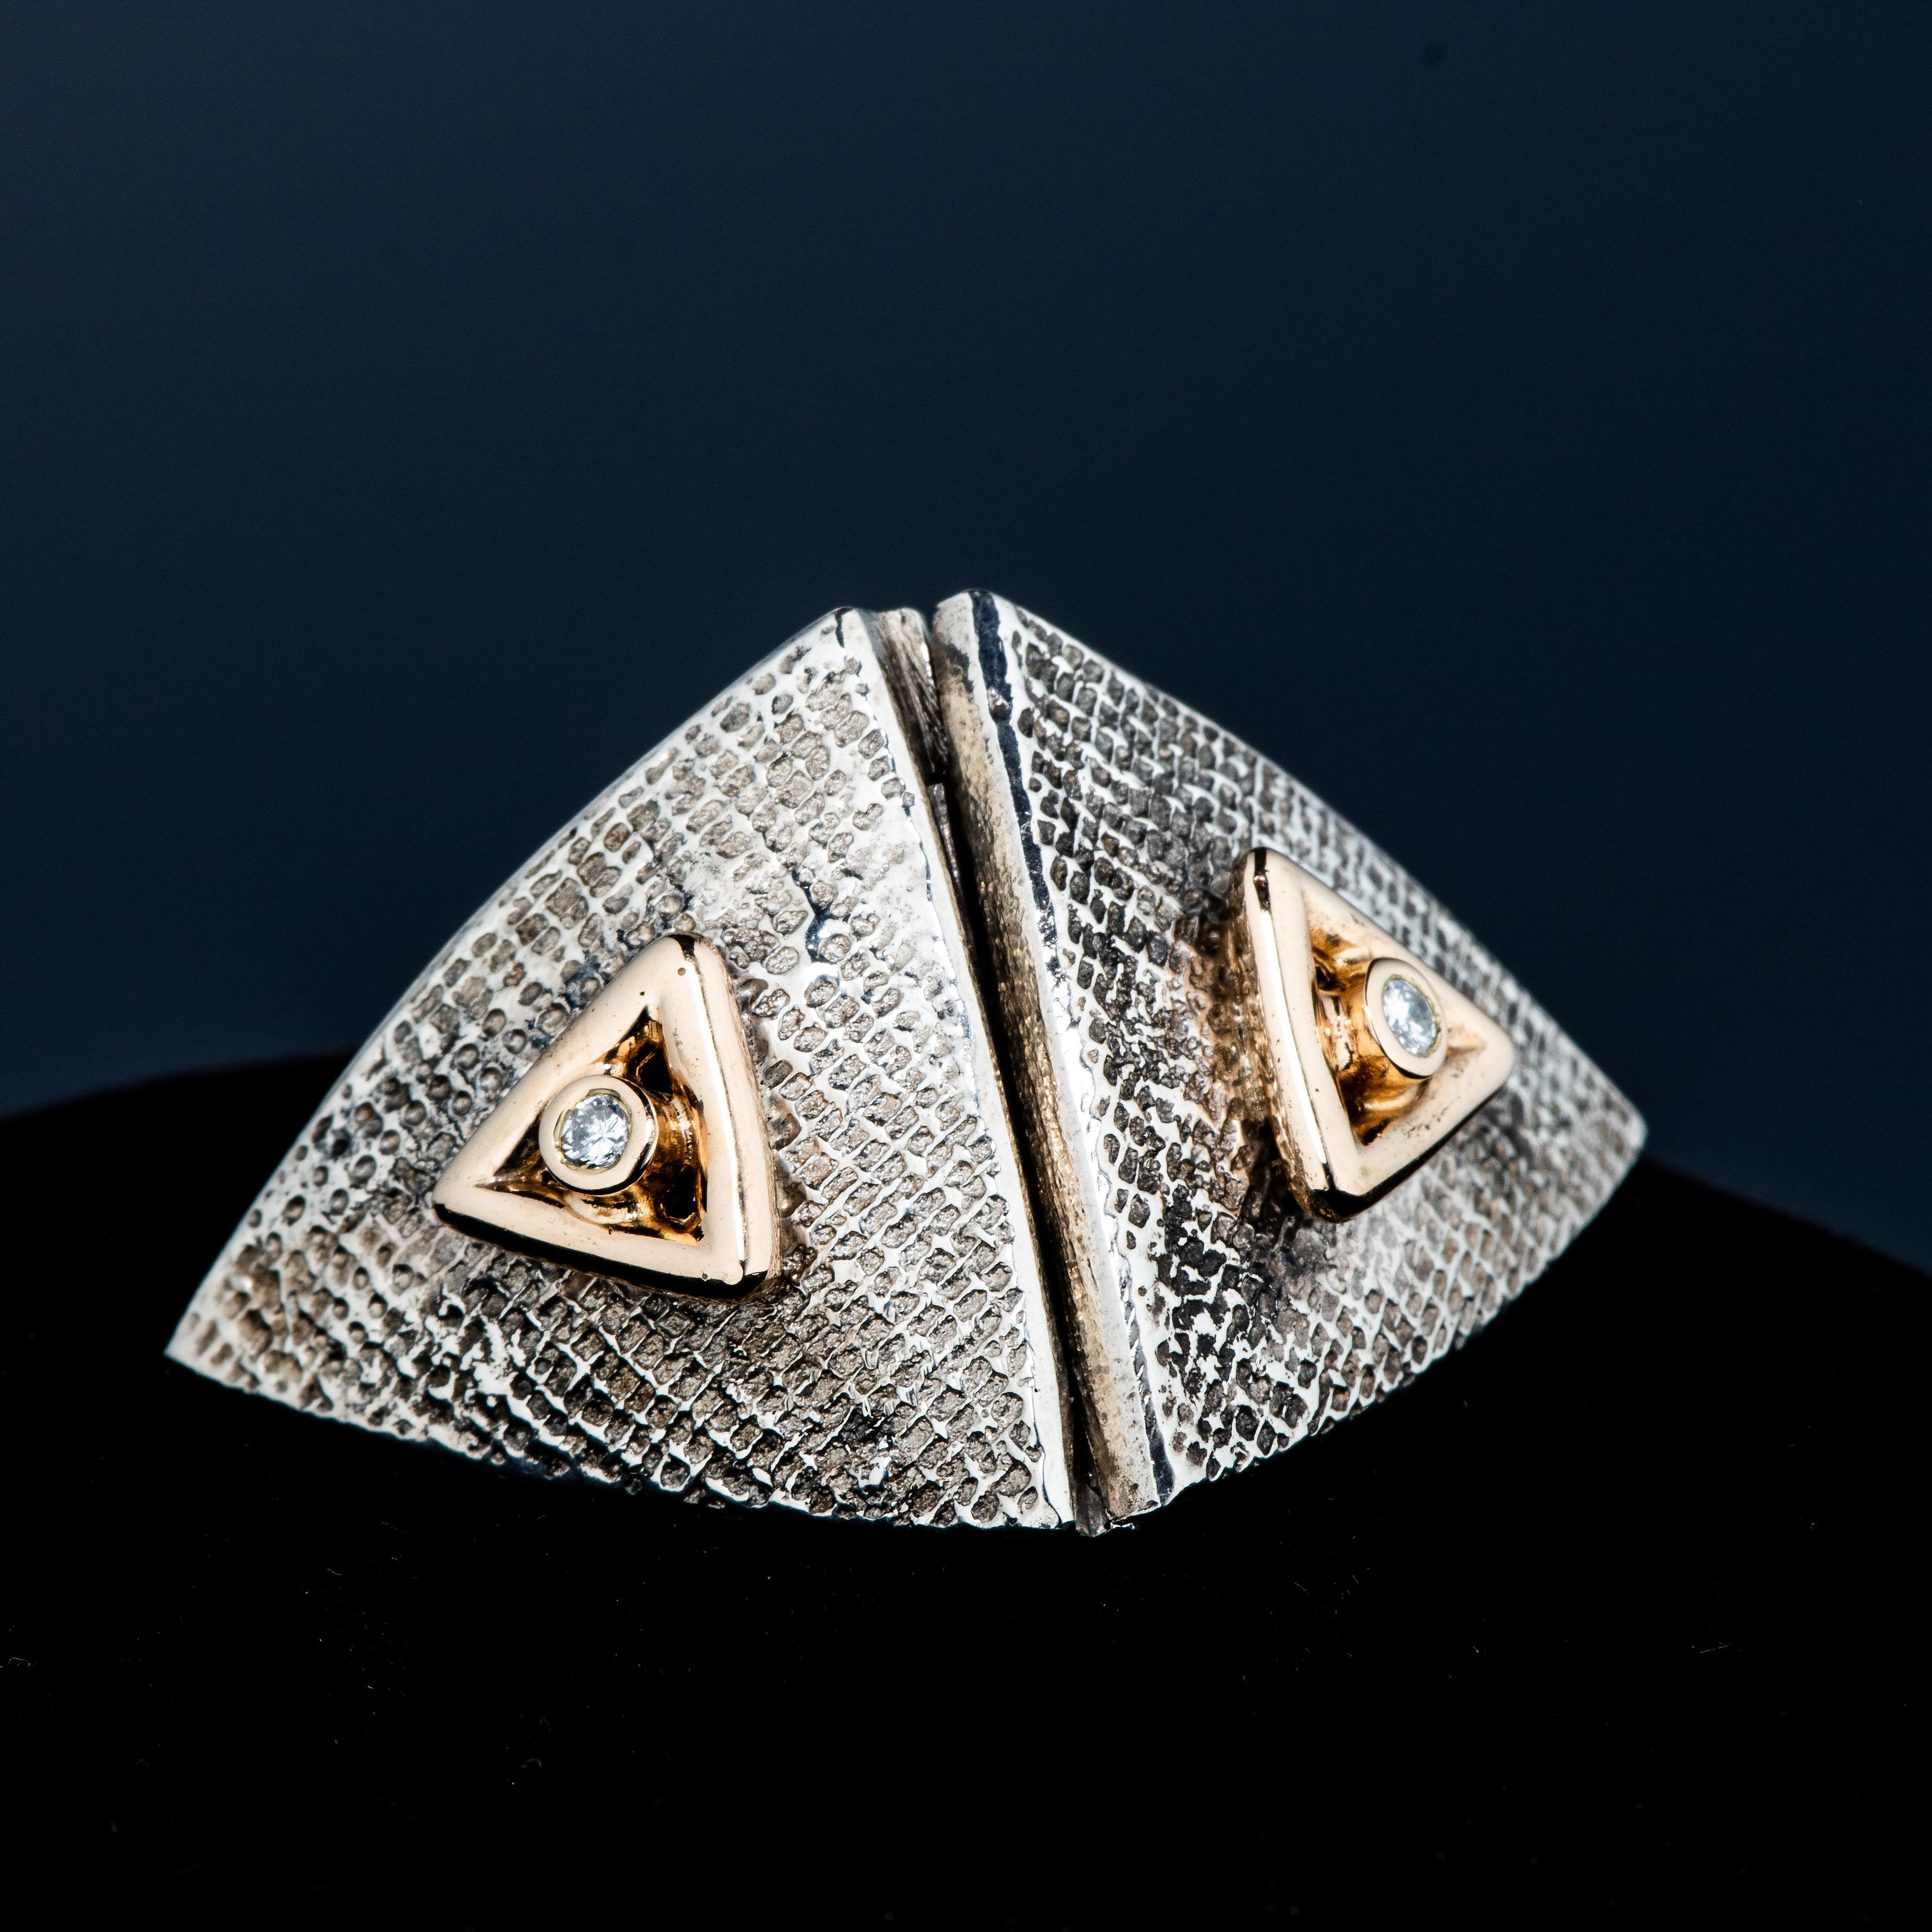 Van Bergen smykkelås og kjede, gull, sølv, diamanter (0,08 ct.)